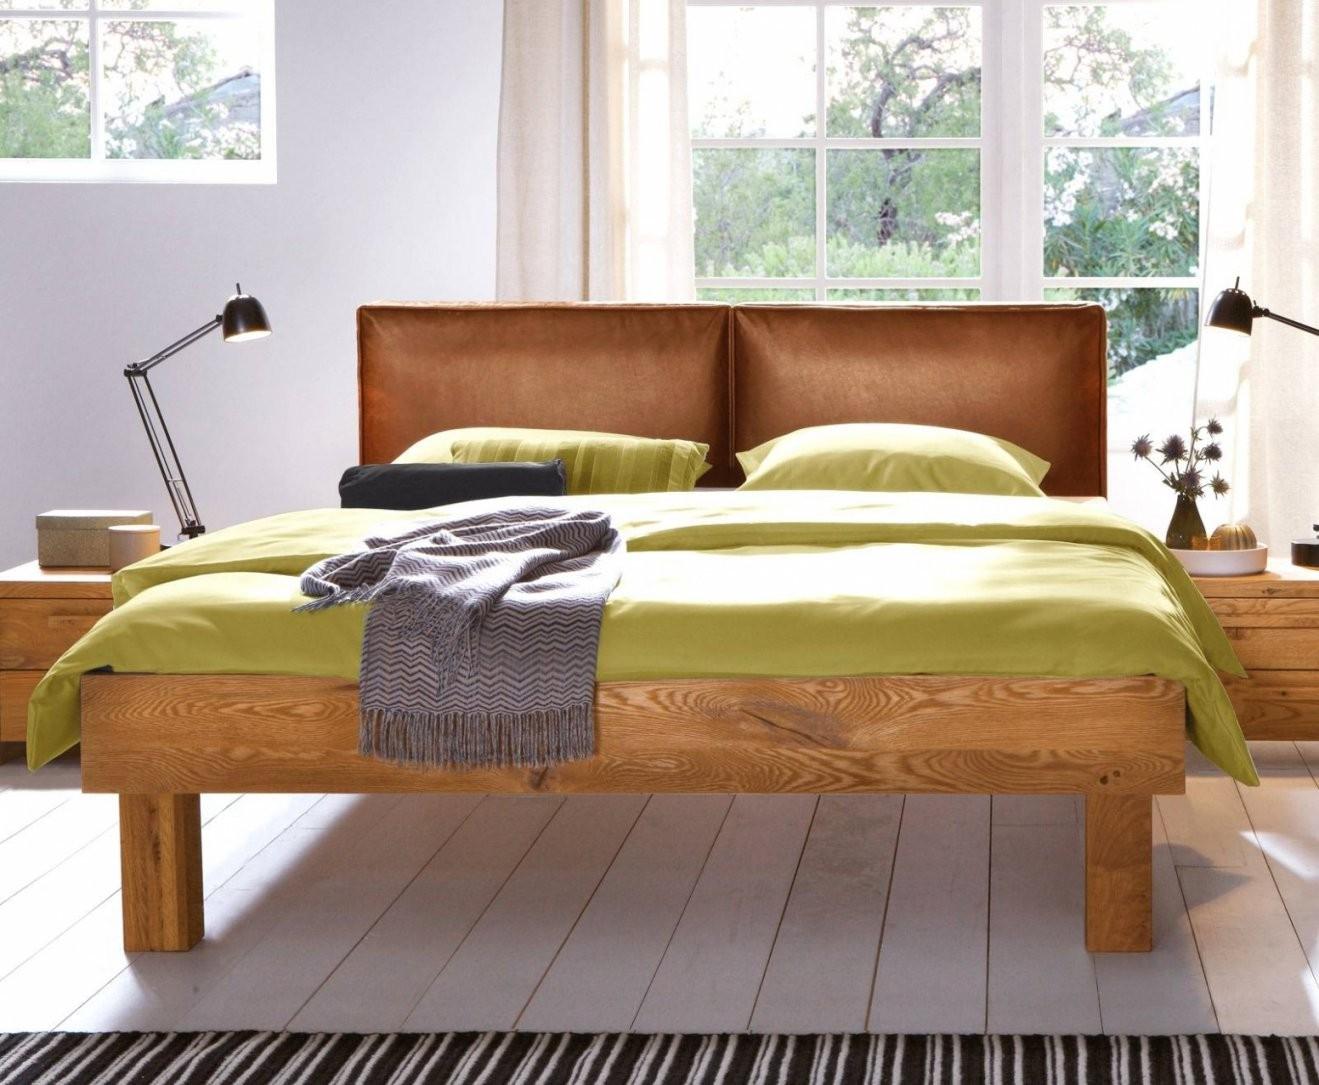 Das Beste Von 29 Bett Komforthöhe 180X200 Konzept Wohnträume — Yct von Bett 180X200 Komforthöhe Photo